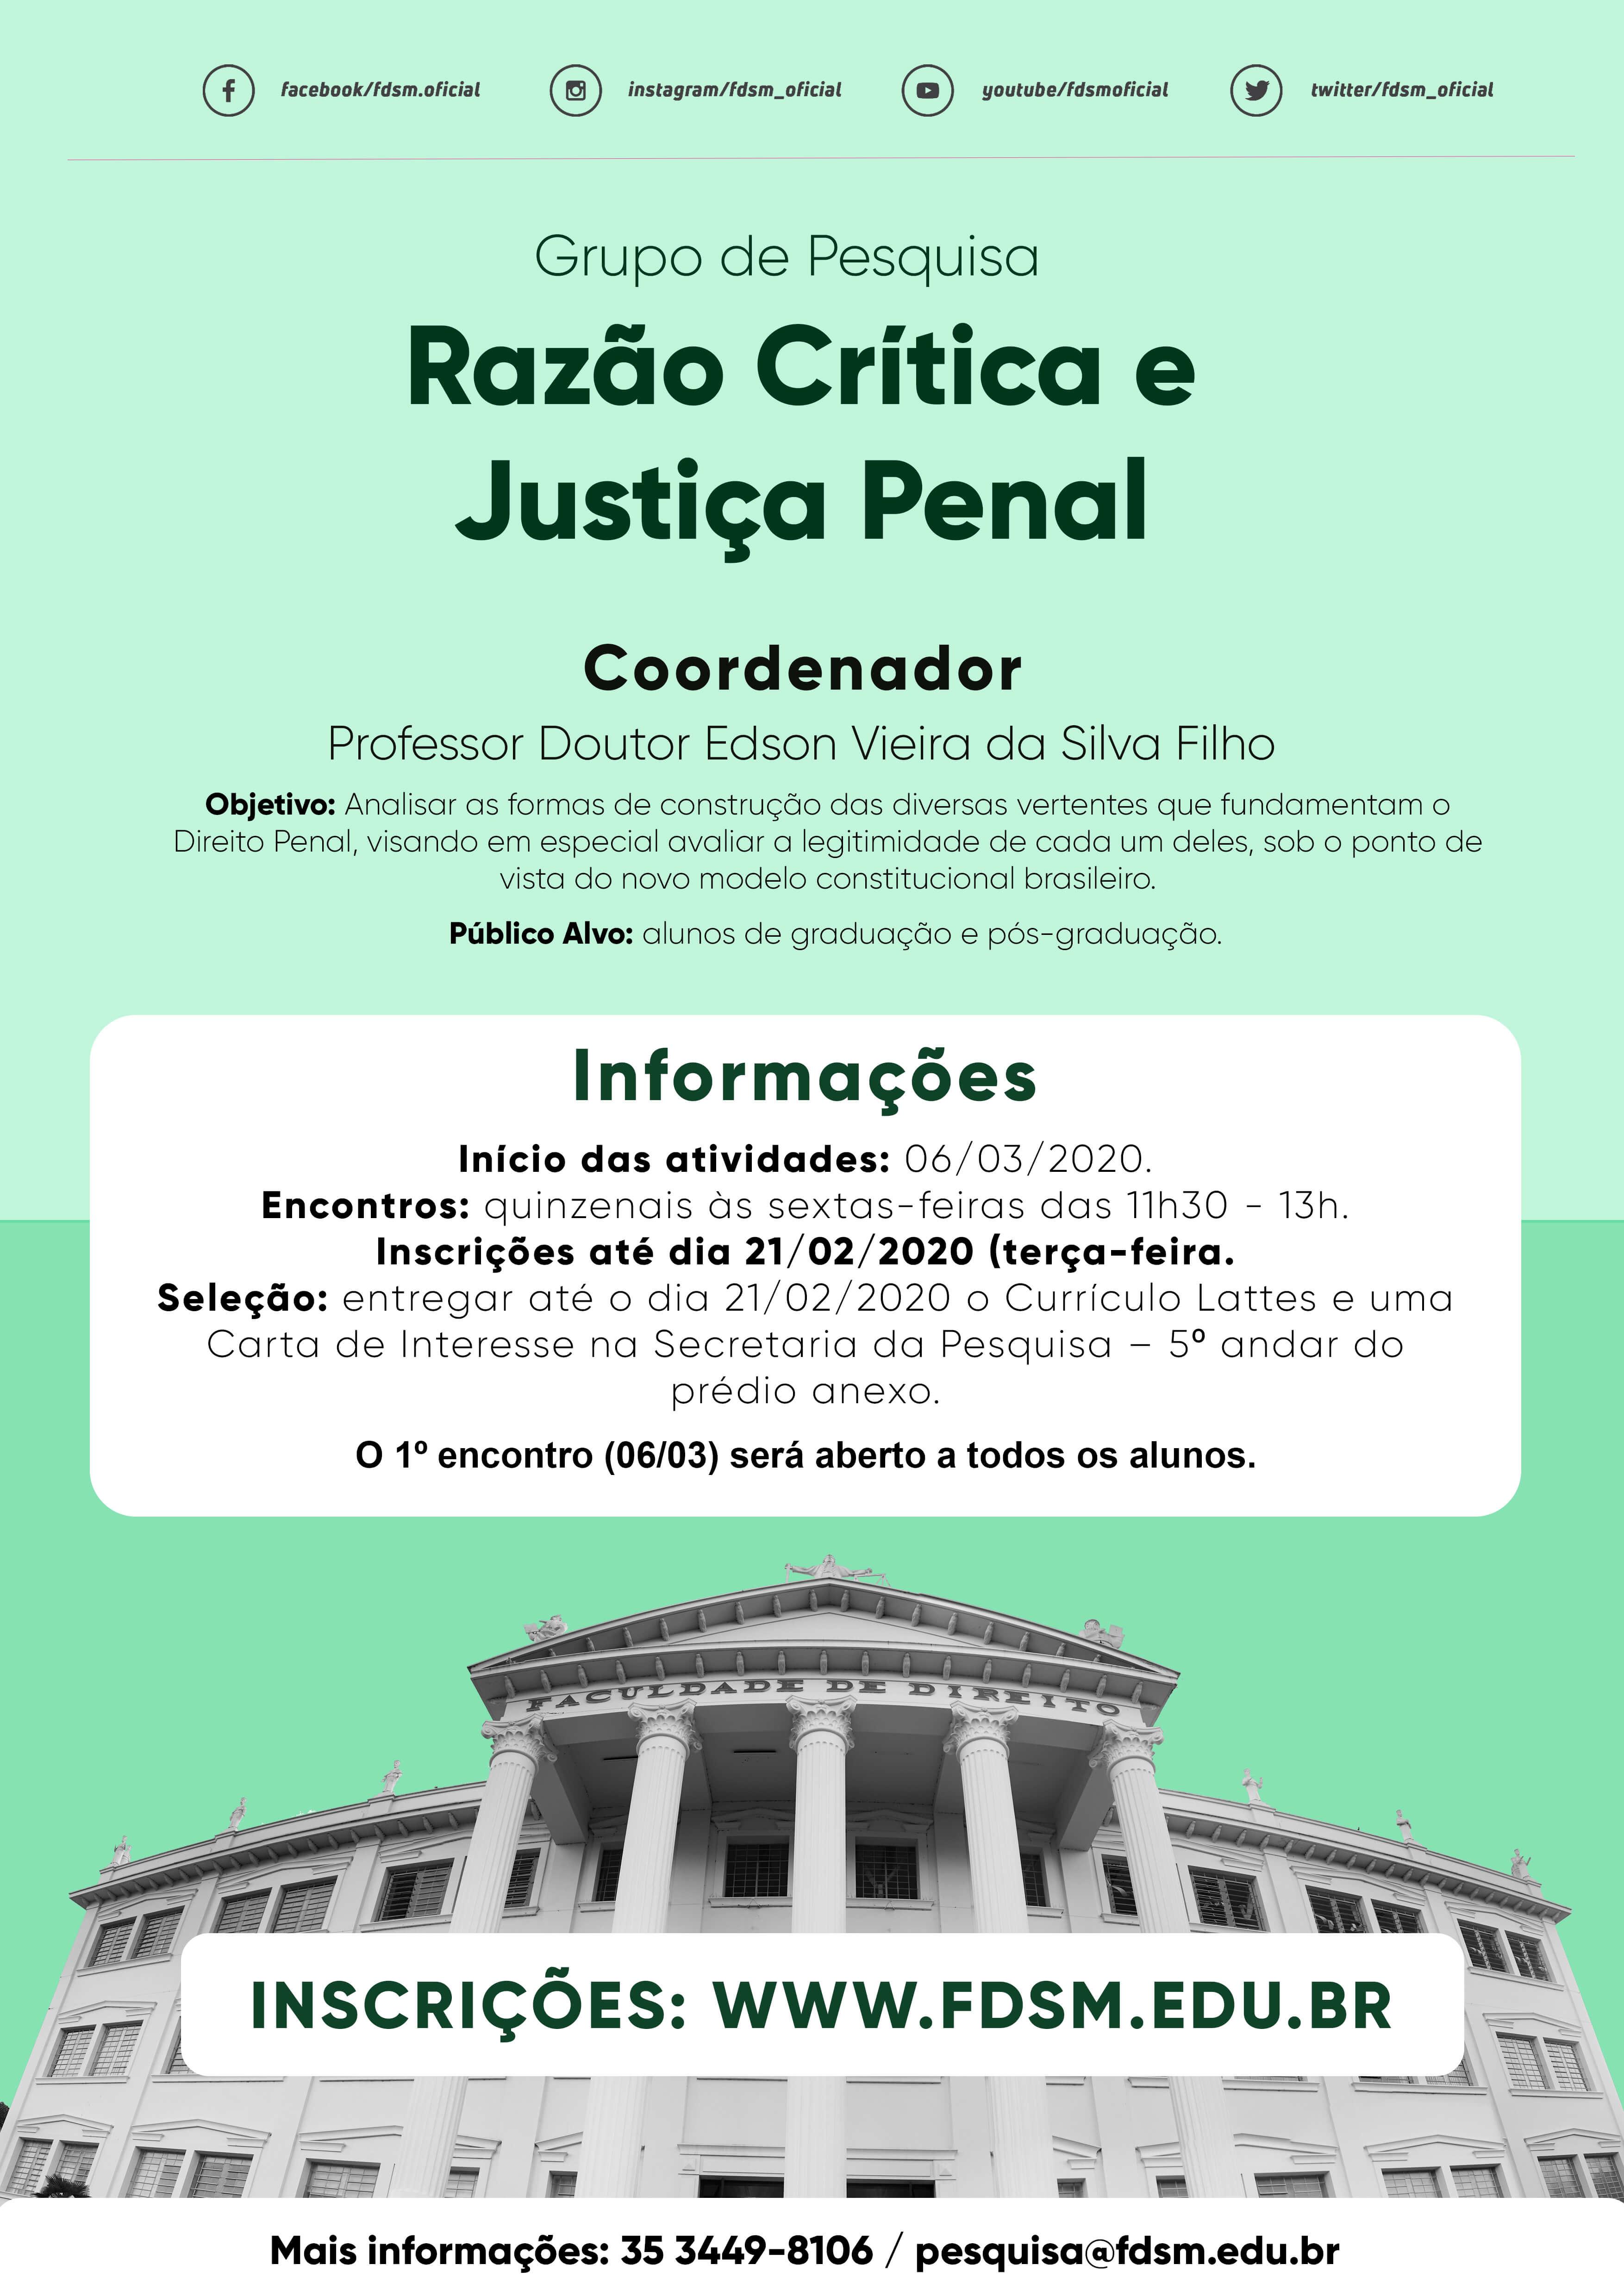 Cód 574: Grupo de Pesquisa: Razão Crítica e Justiça Penal